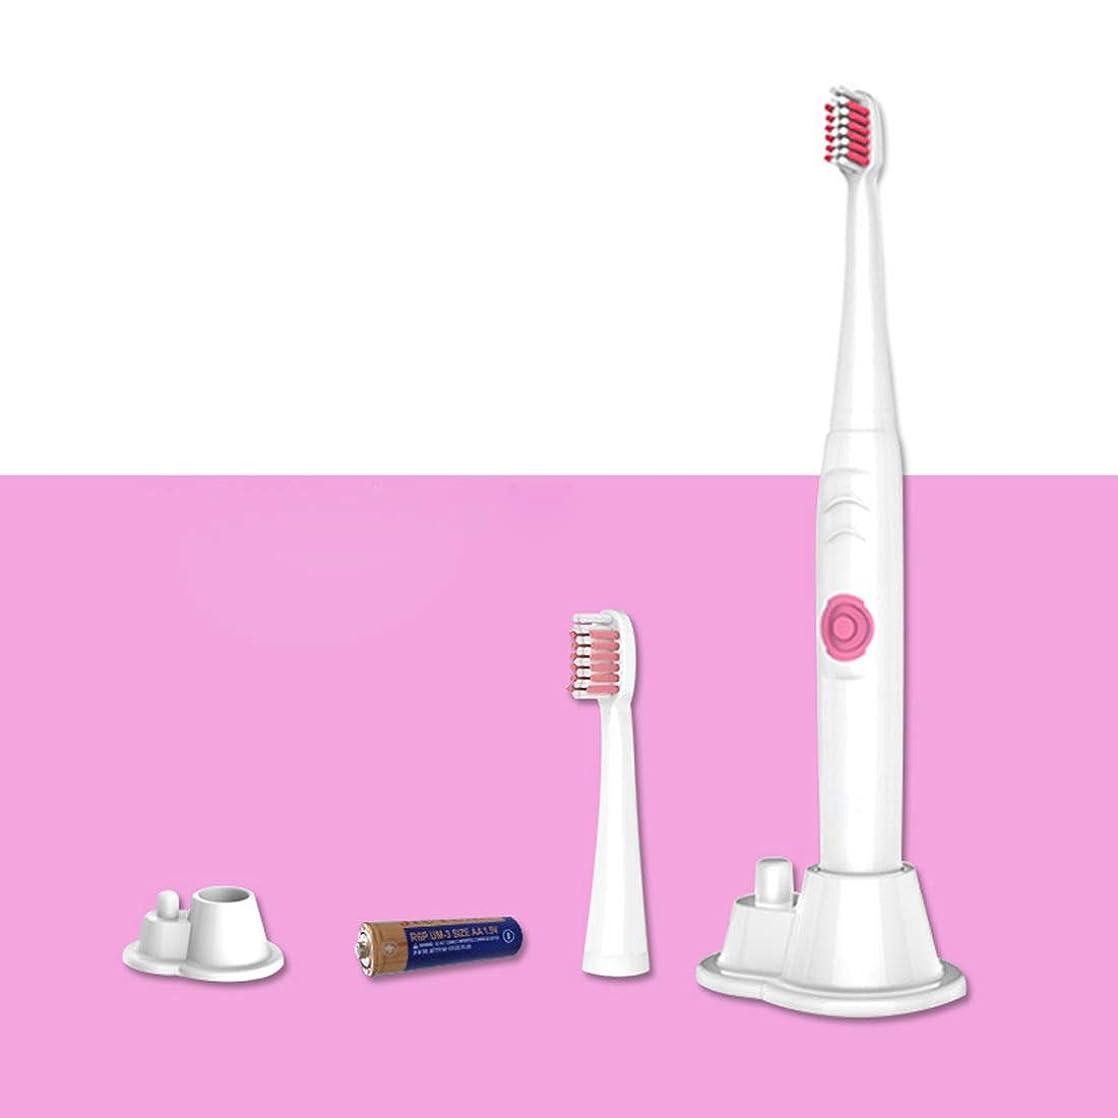 シャツレンチ細分化する電動歯ブラシ大人の子供のための、 2つの取り替えの頭部の歯ブラシIPX7の防水電池